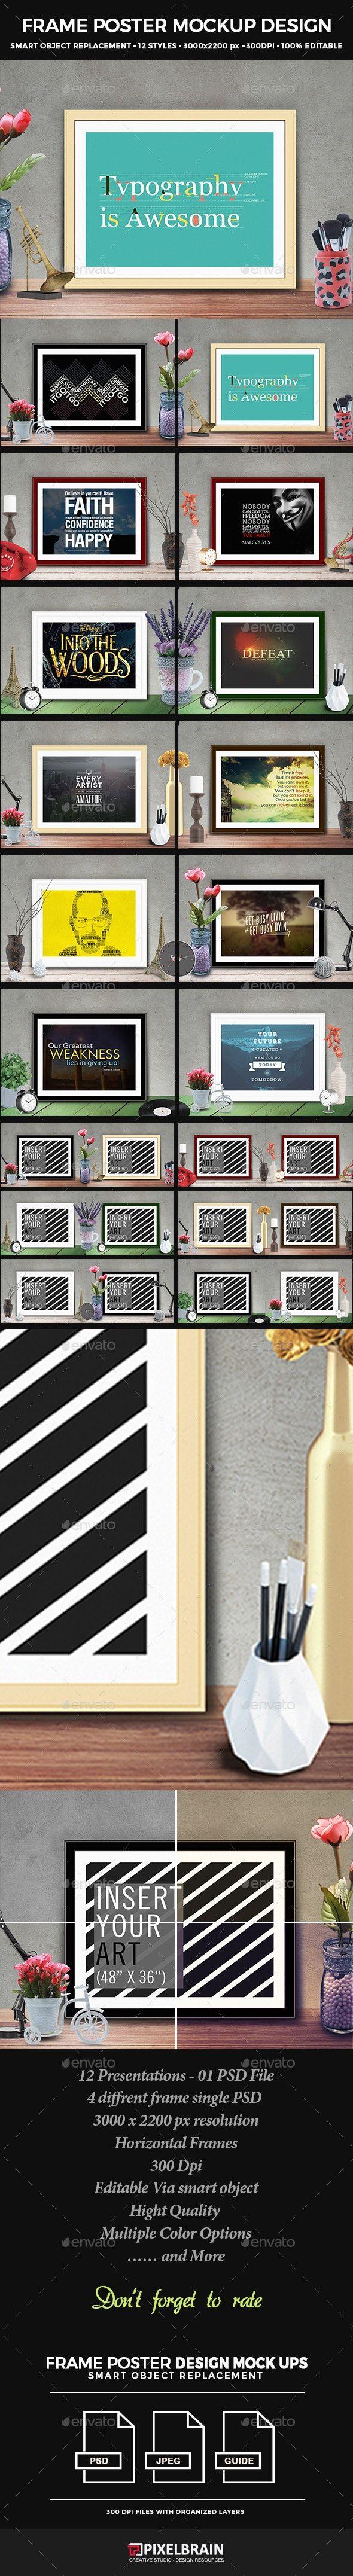 Frame Poster Mockup Design Vol 2 Ad Poster Spon Frame Mockup Vol Mockup Design Poster Mockup Poster Frame Poster template 36 x 48